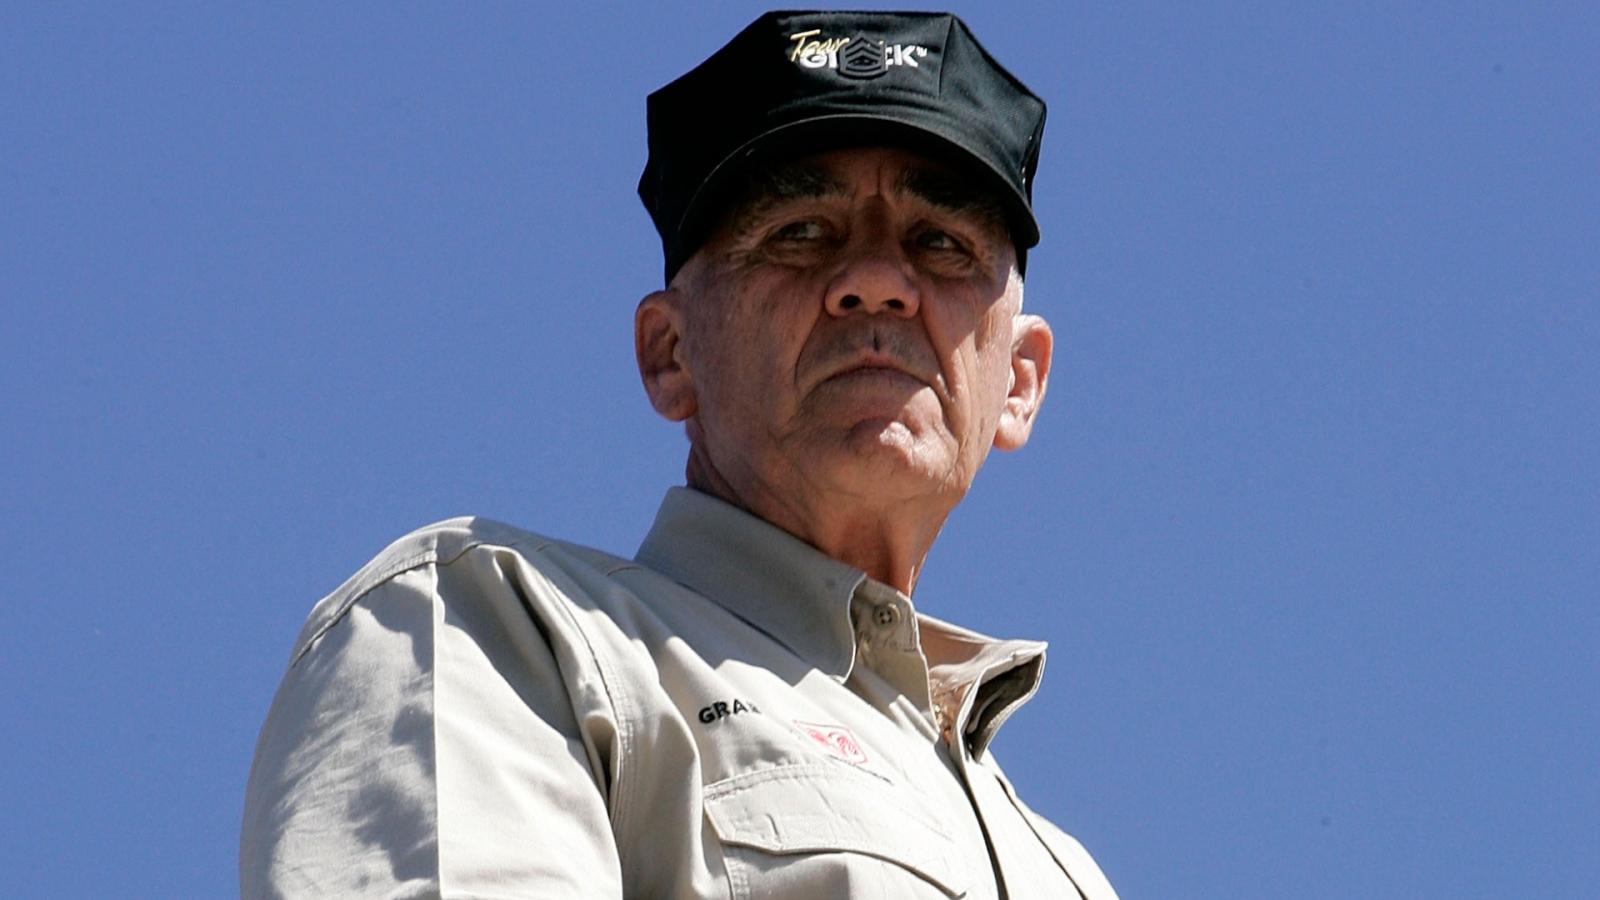 full-metal-jacket-sergeant-r-lee-ermey-dies-at-74